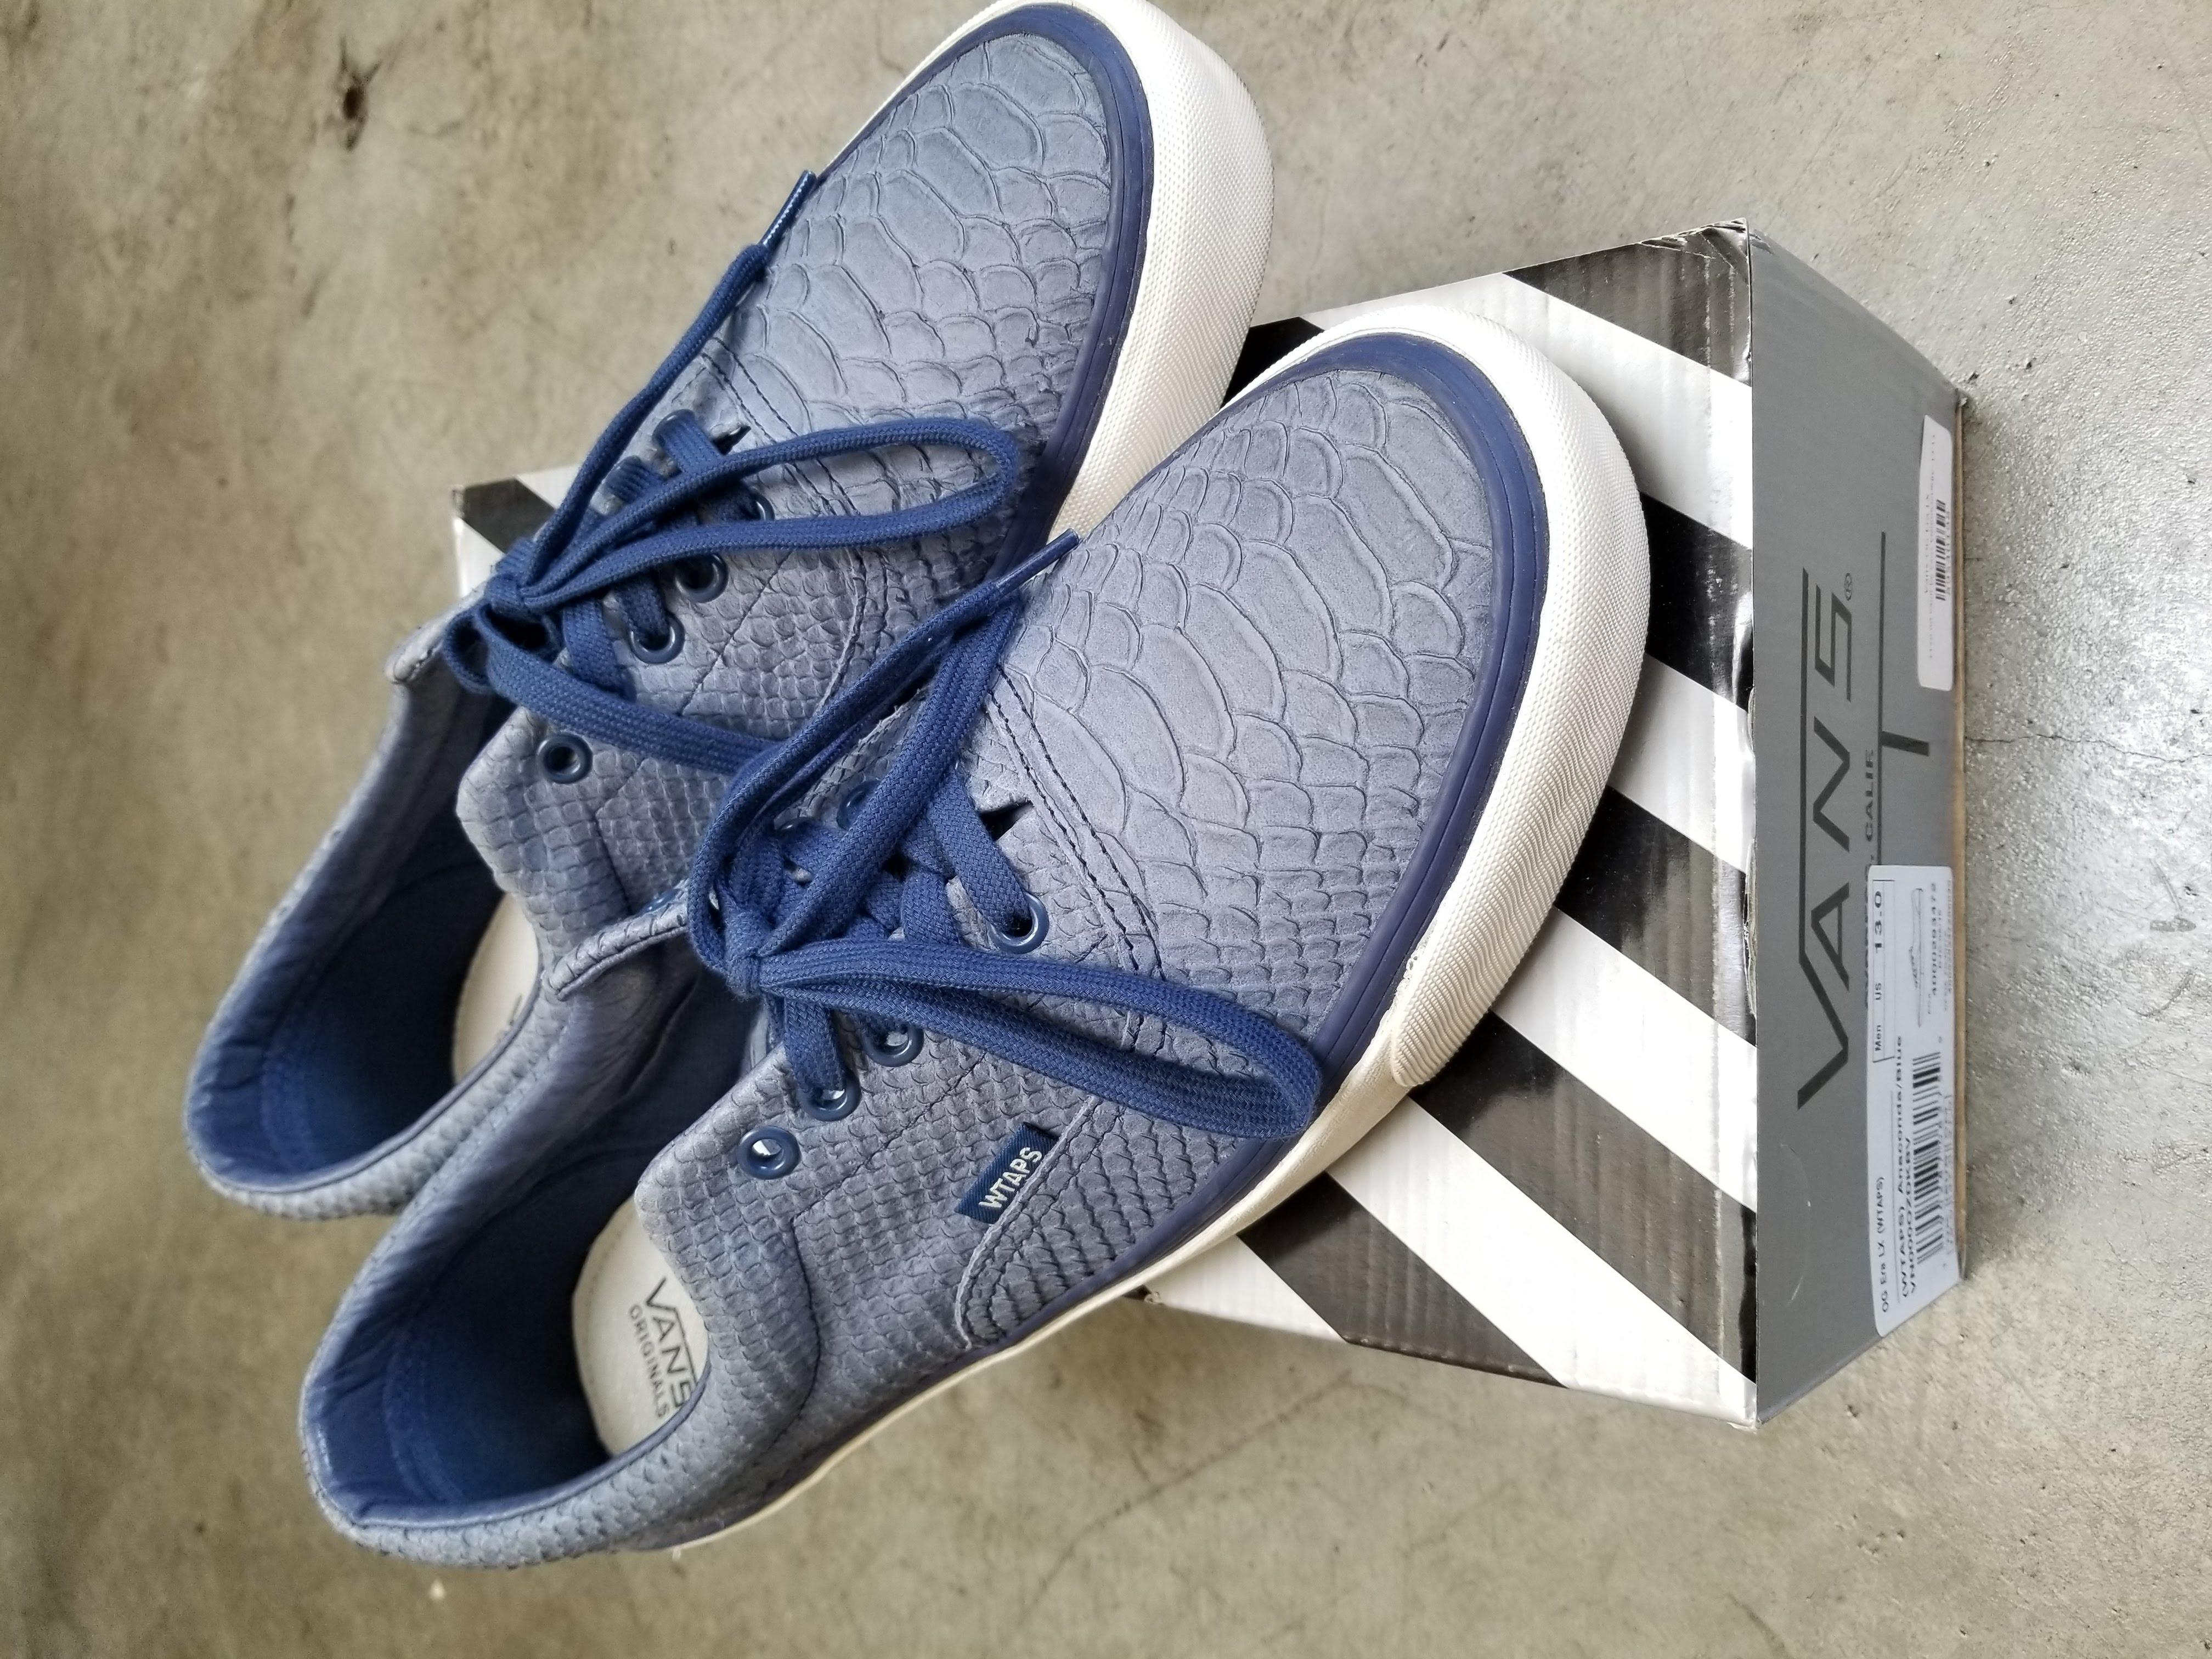 6aa882e639 Vans Vans Vault x Wtaps Blue Anaconda Authentics Size 13 - Low-Top Sneakers  for Sale - Grailed